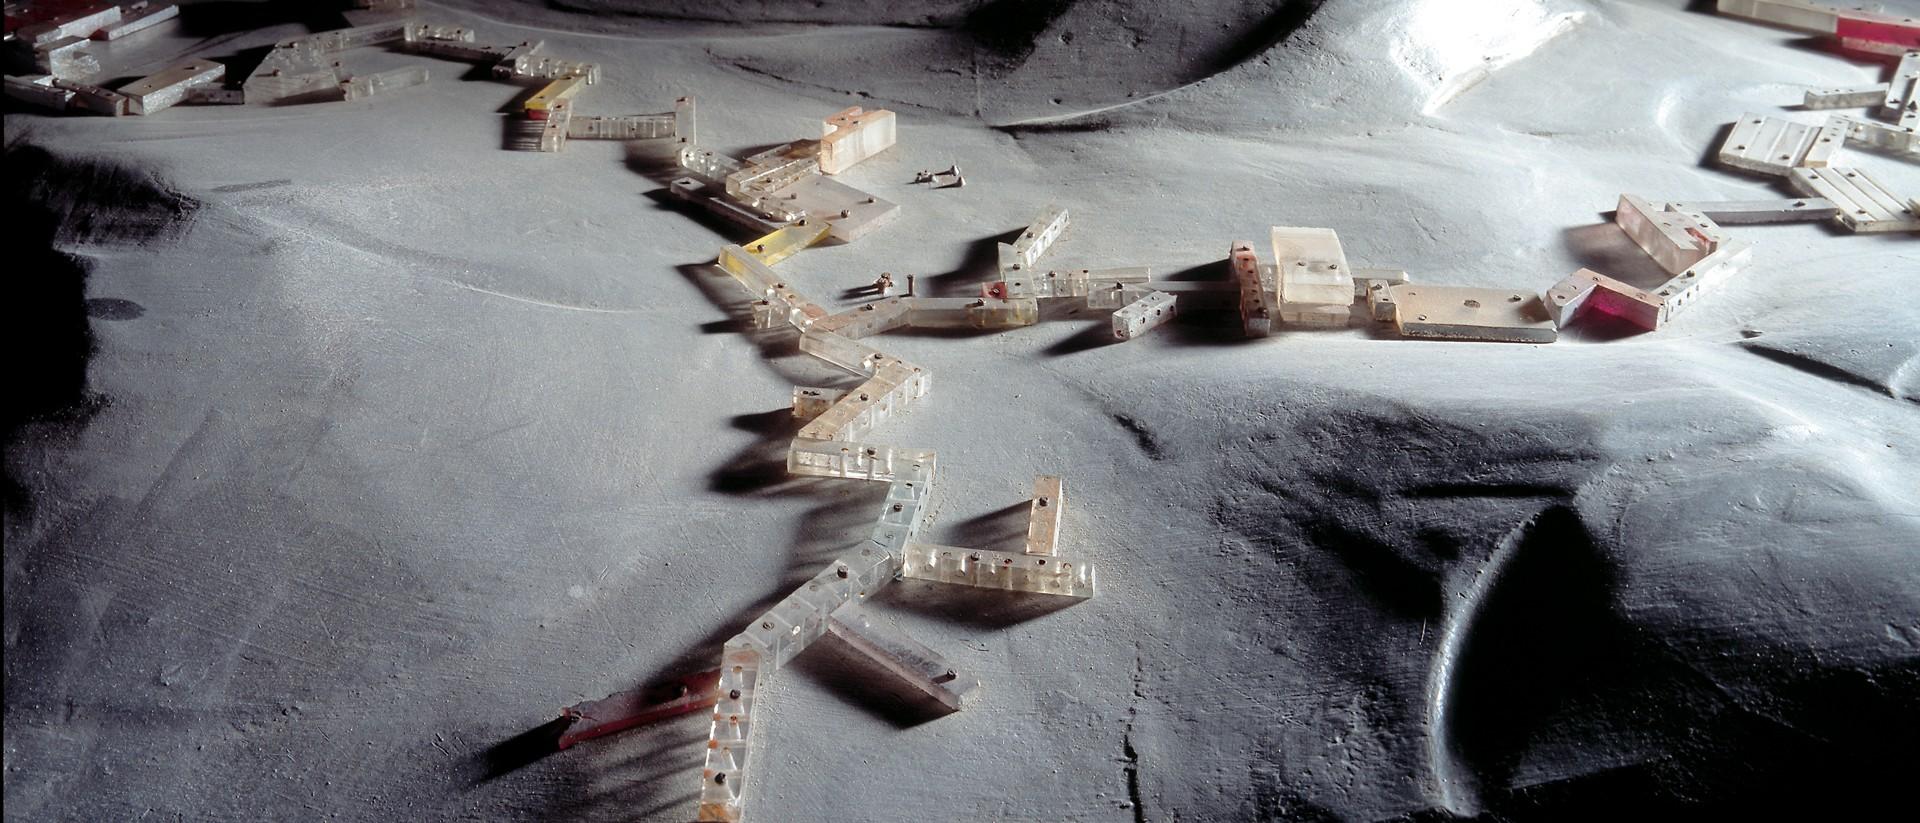 Detail uit werk van Constant Nieuwenhuys, 'Sectoren in berglandschap', New Babylon, 1967. Collectie Gemeentemuseum Den Haag.